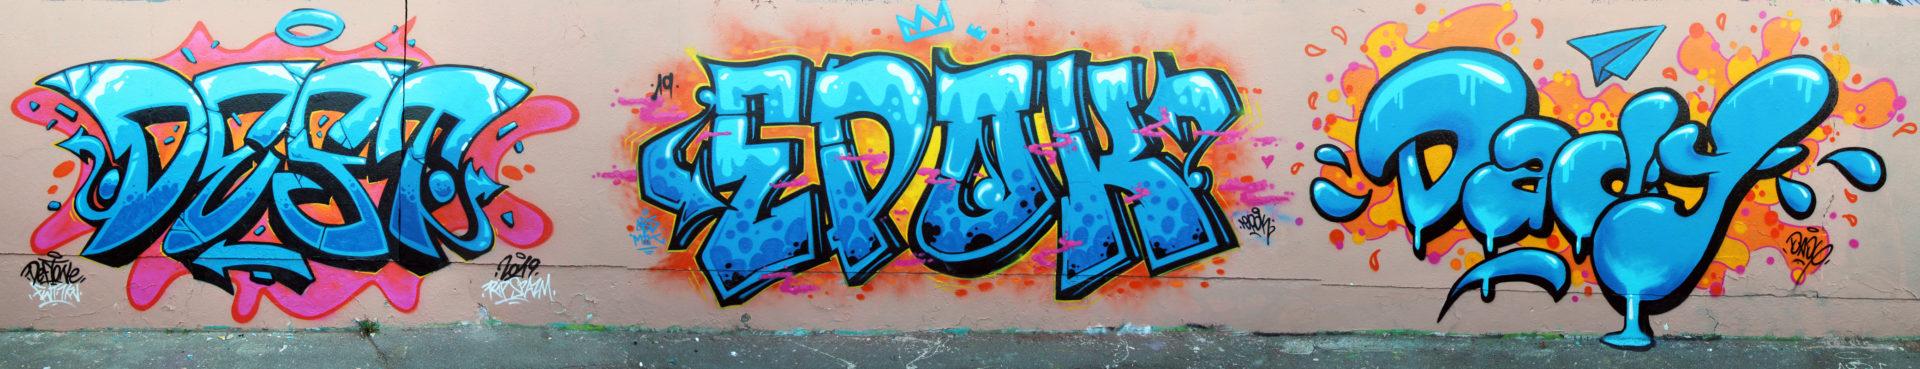 Deft-Epok-Dady-Graffiti-Riom